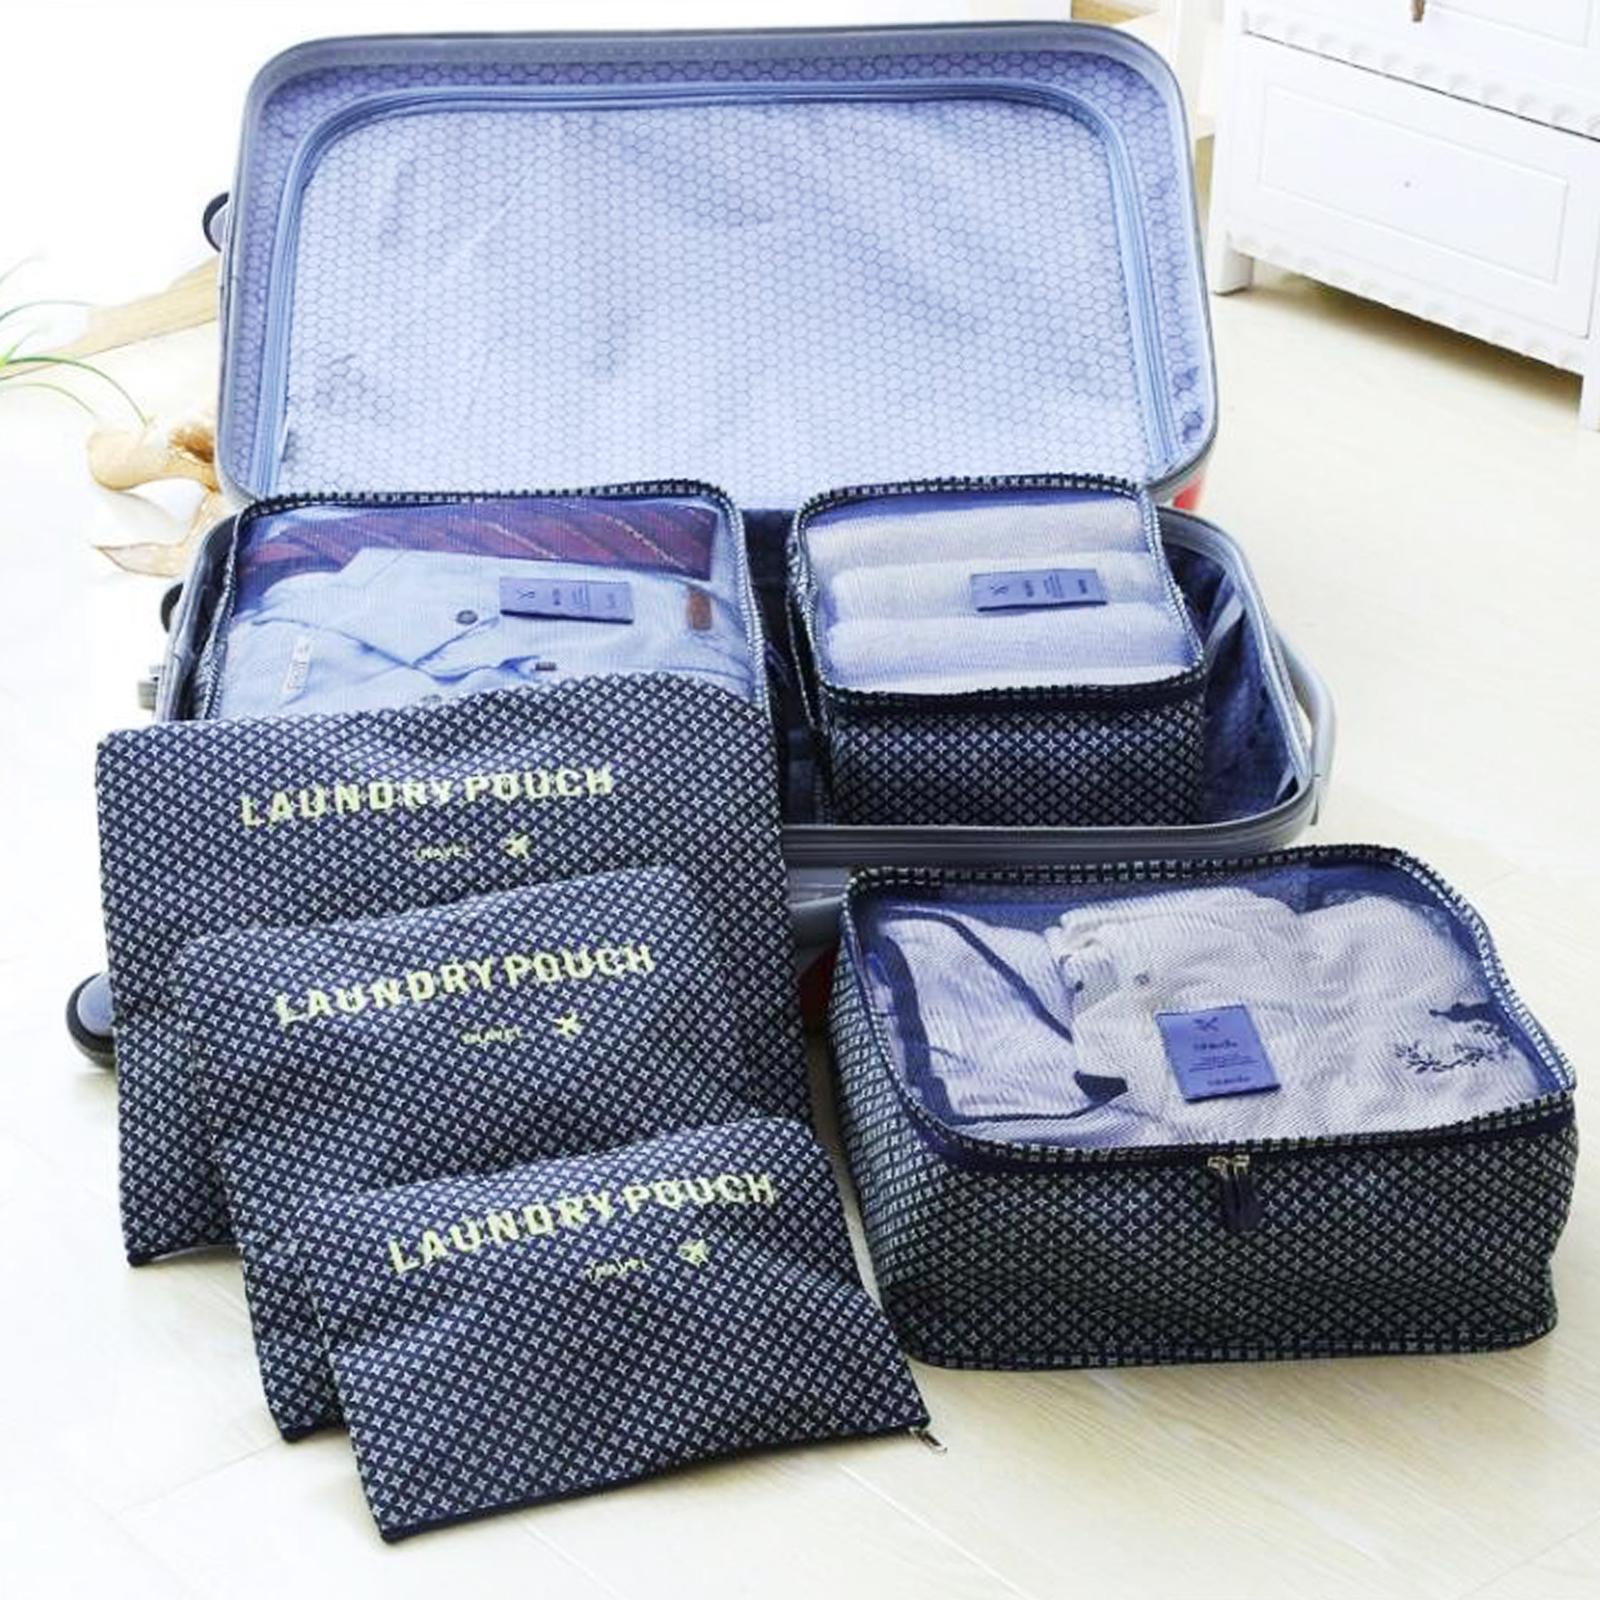 kleidertaschen set 6 teilig set packtaschen packw rfel urlaub kofferorganizer ebay. Black Bedroom Furniture Sets. Home Design Ideas